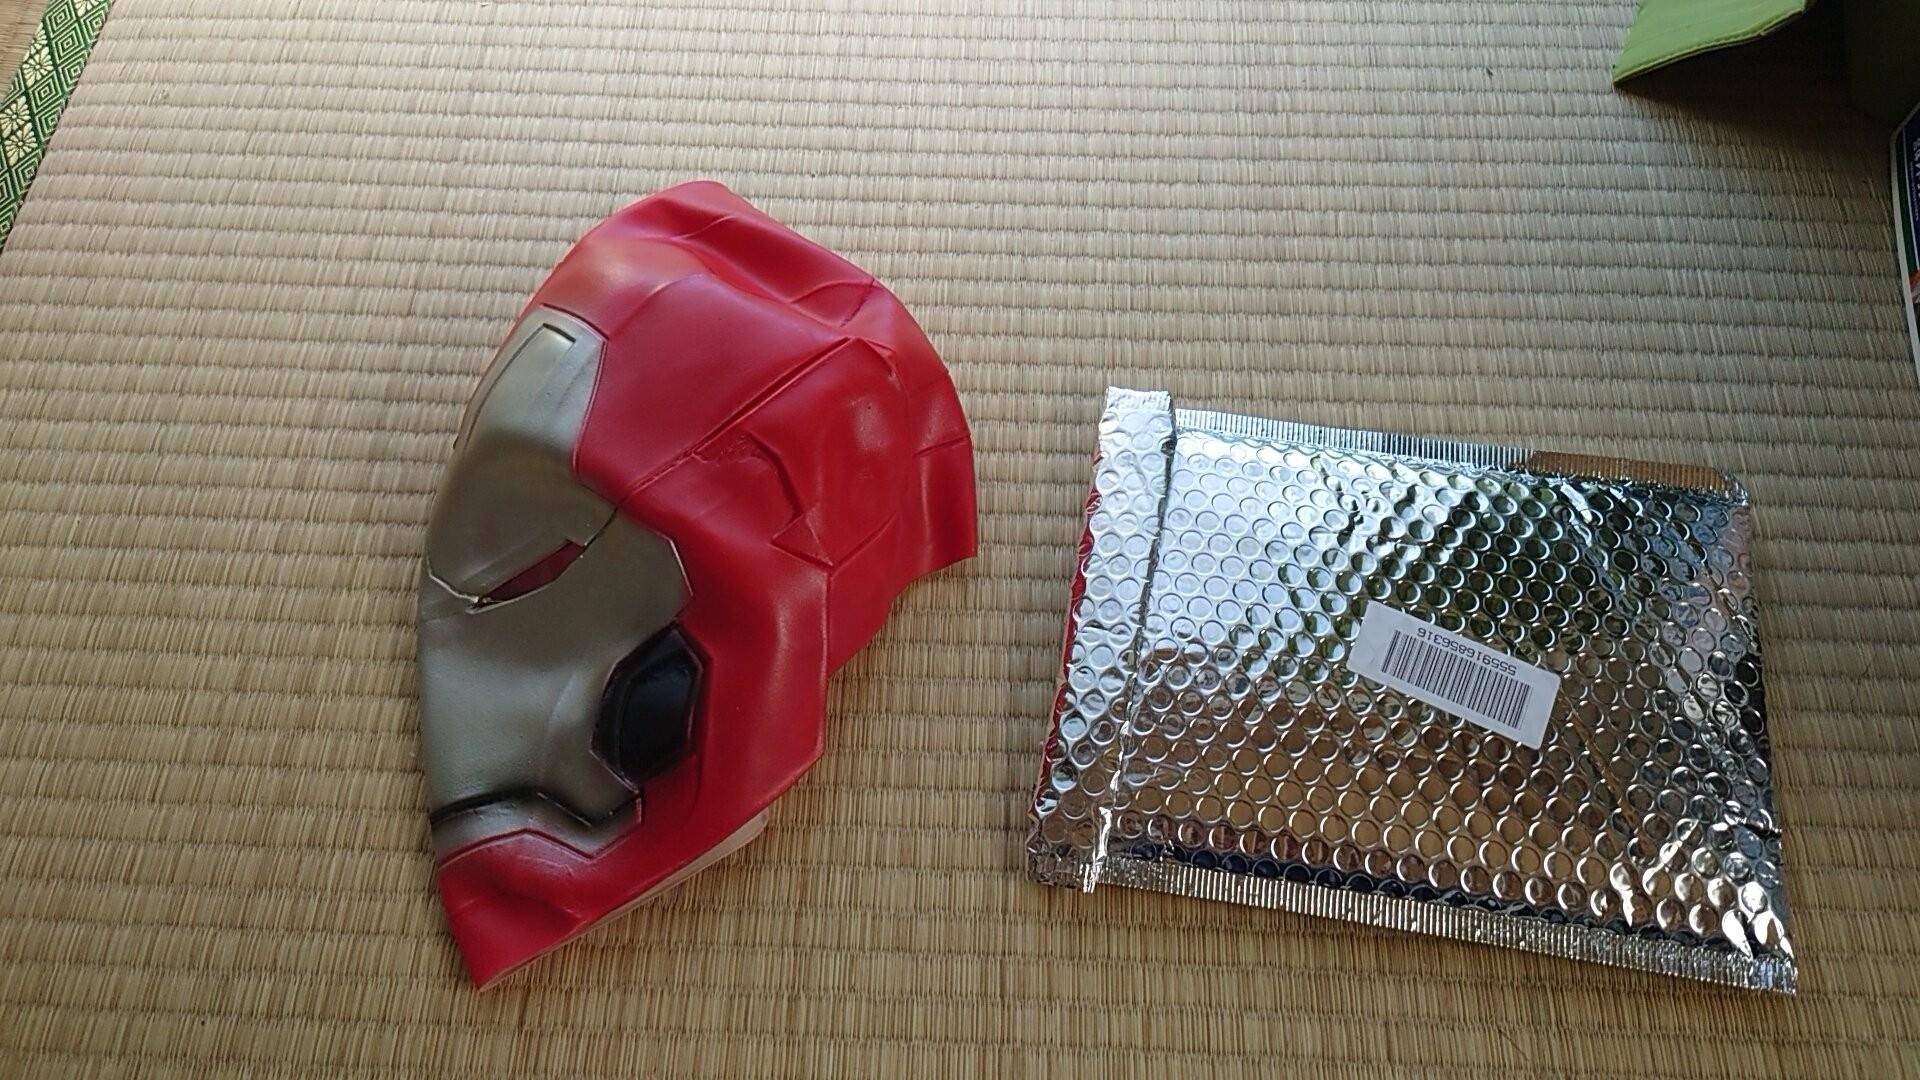 ▲▼鋼鐵人盜版頭盔(圖/翻攝自Twitter/るら坊)